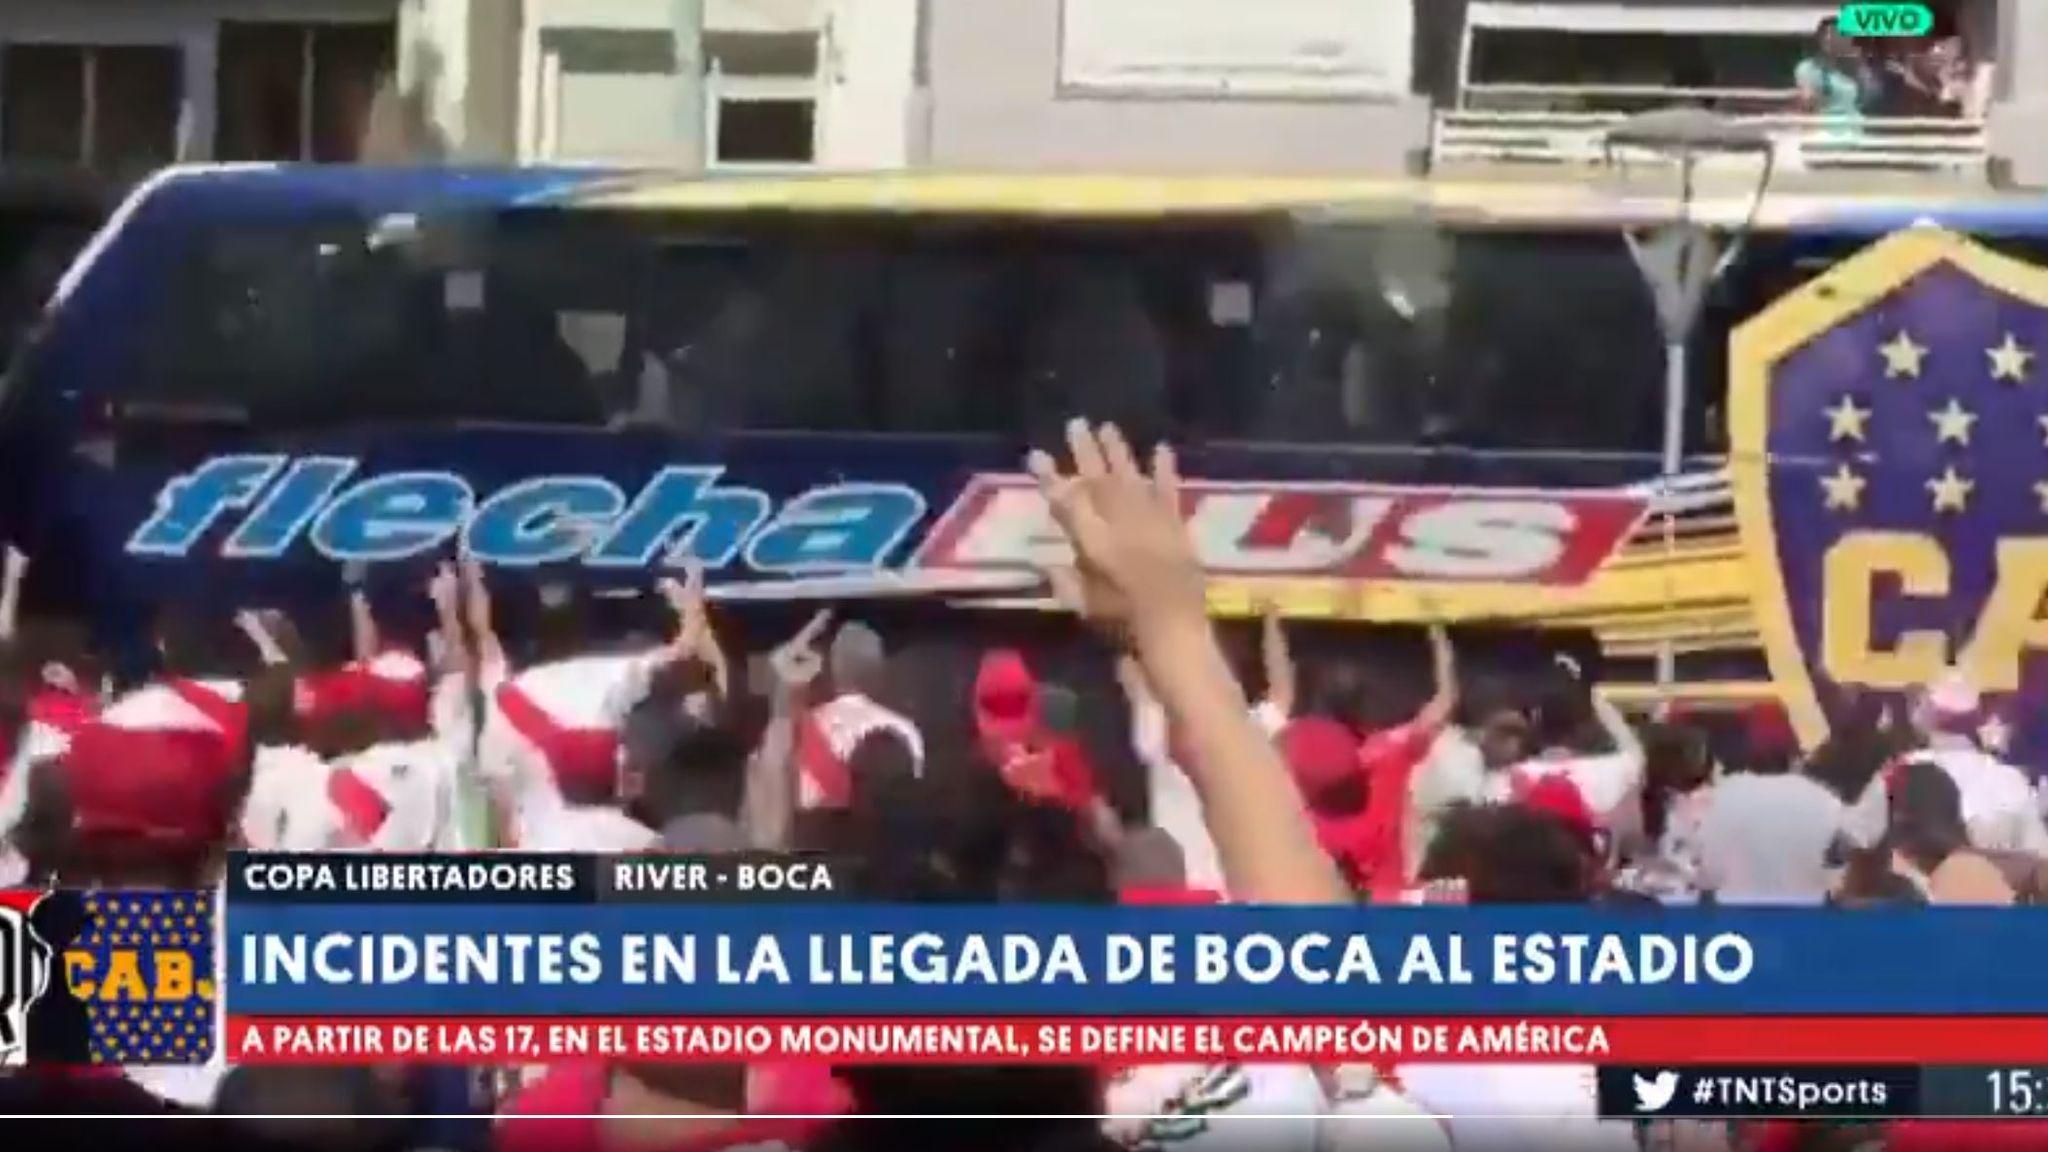 Copa Libertadores final off after River Plate fans attack Boca Juniors team  bus 7ff1b50f572